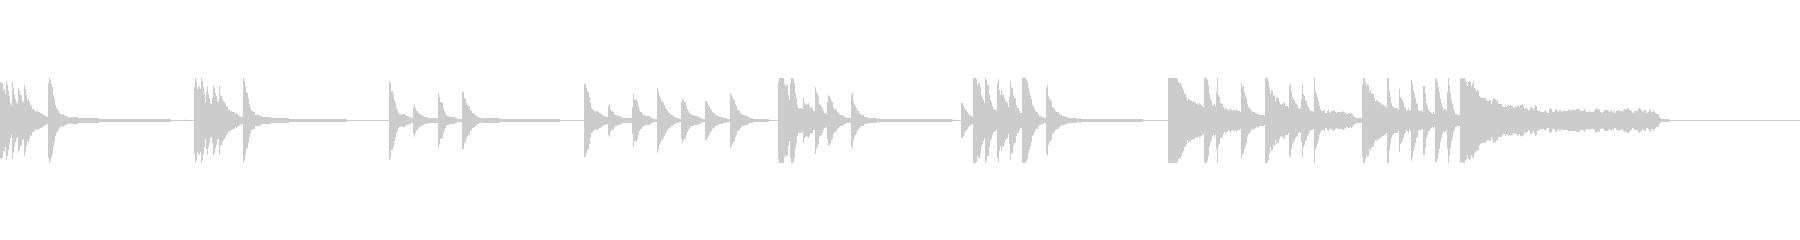 ピアノのシンプルなクリーンなBGMの未再生の波形